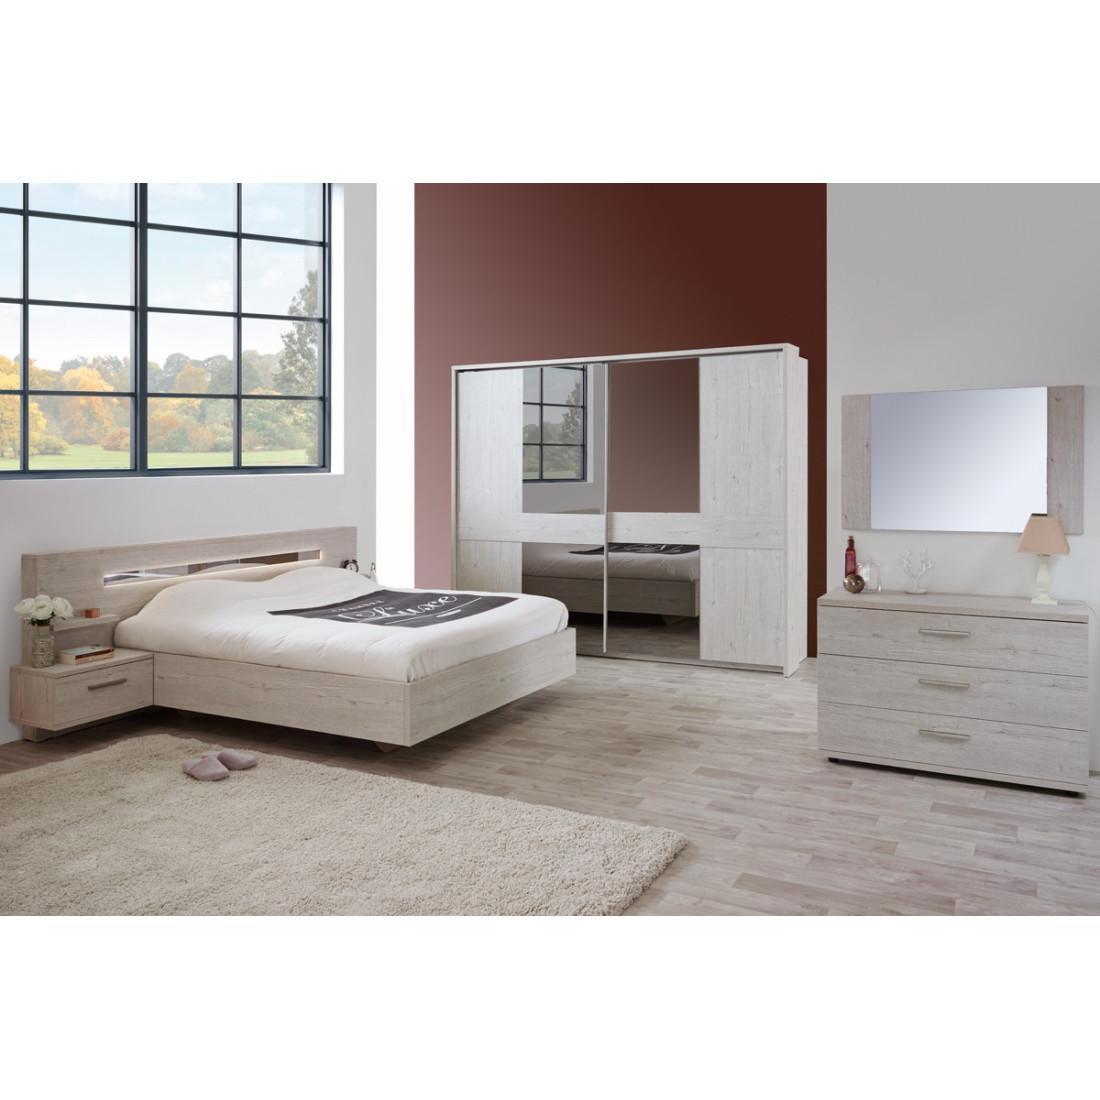 cadre t te de lit chevets 140 190 cm dulce univers de la chambre. Black Bedroom Furniture Sets. Home Design Ideas